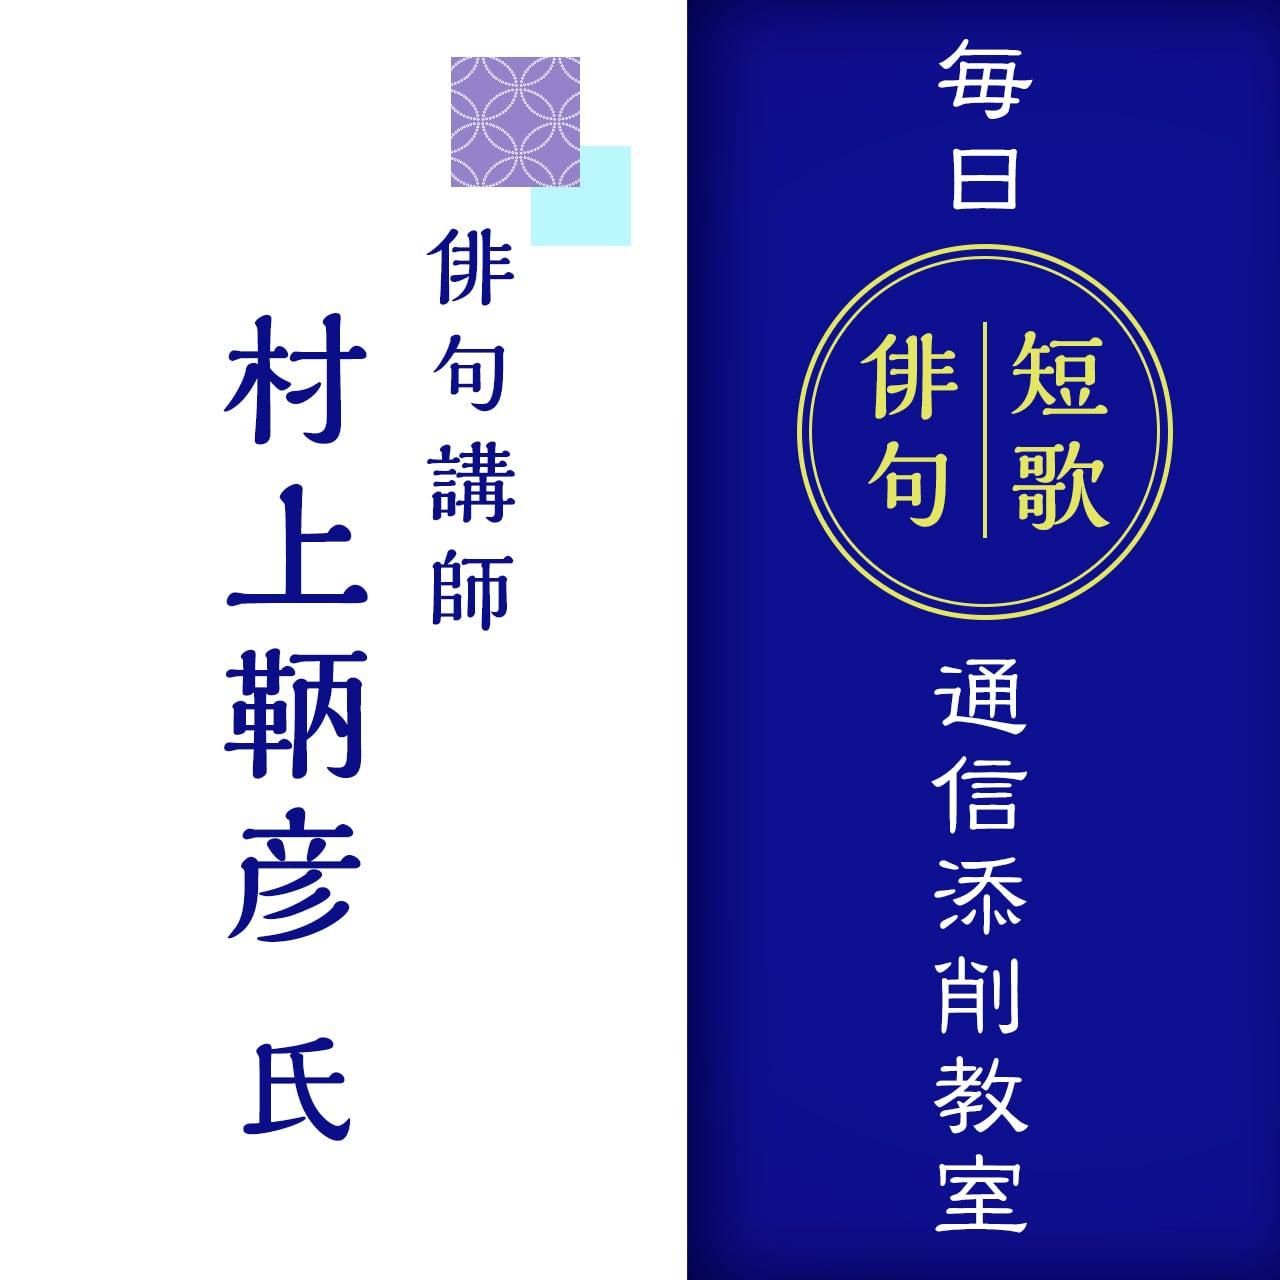 毎日短歌・俳句通信添削教室 1講座6回(6カ月) 俳句講師・村上鞆彦 氏